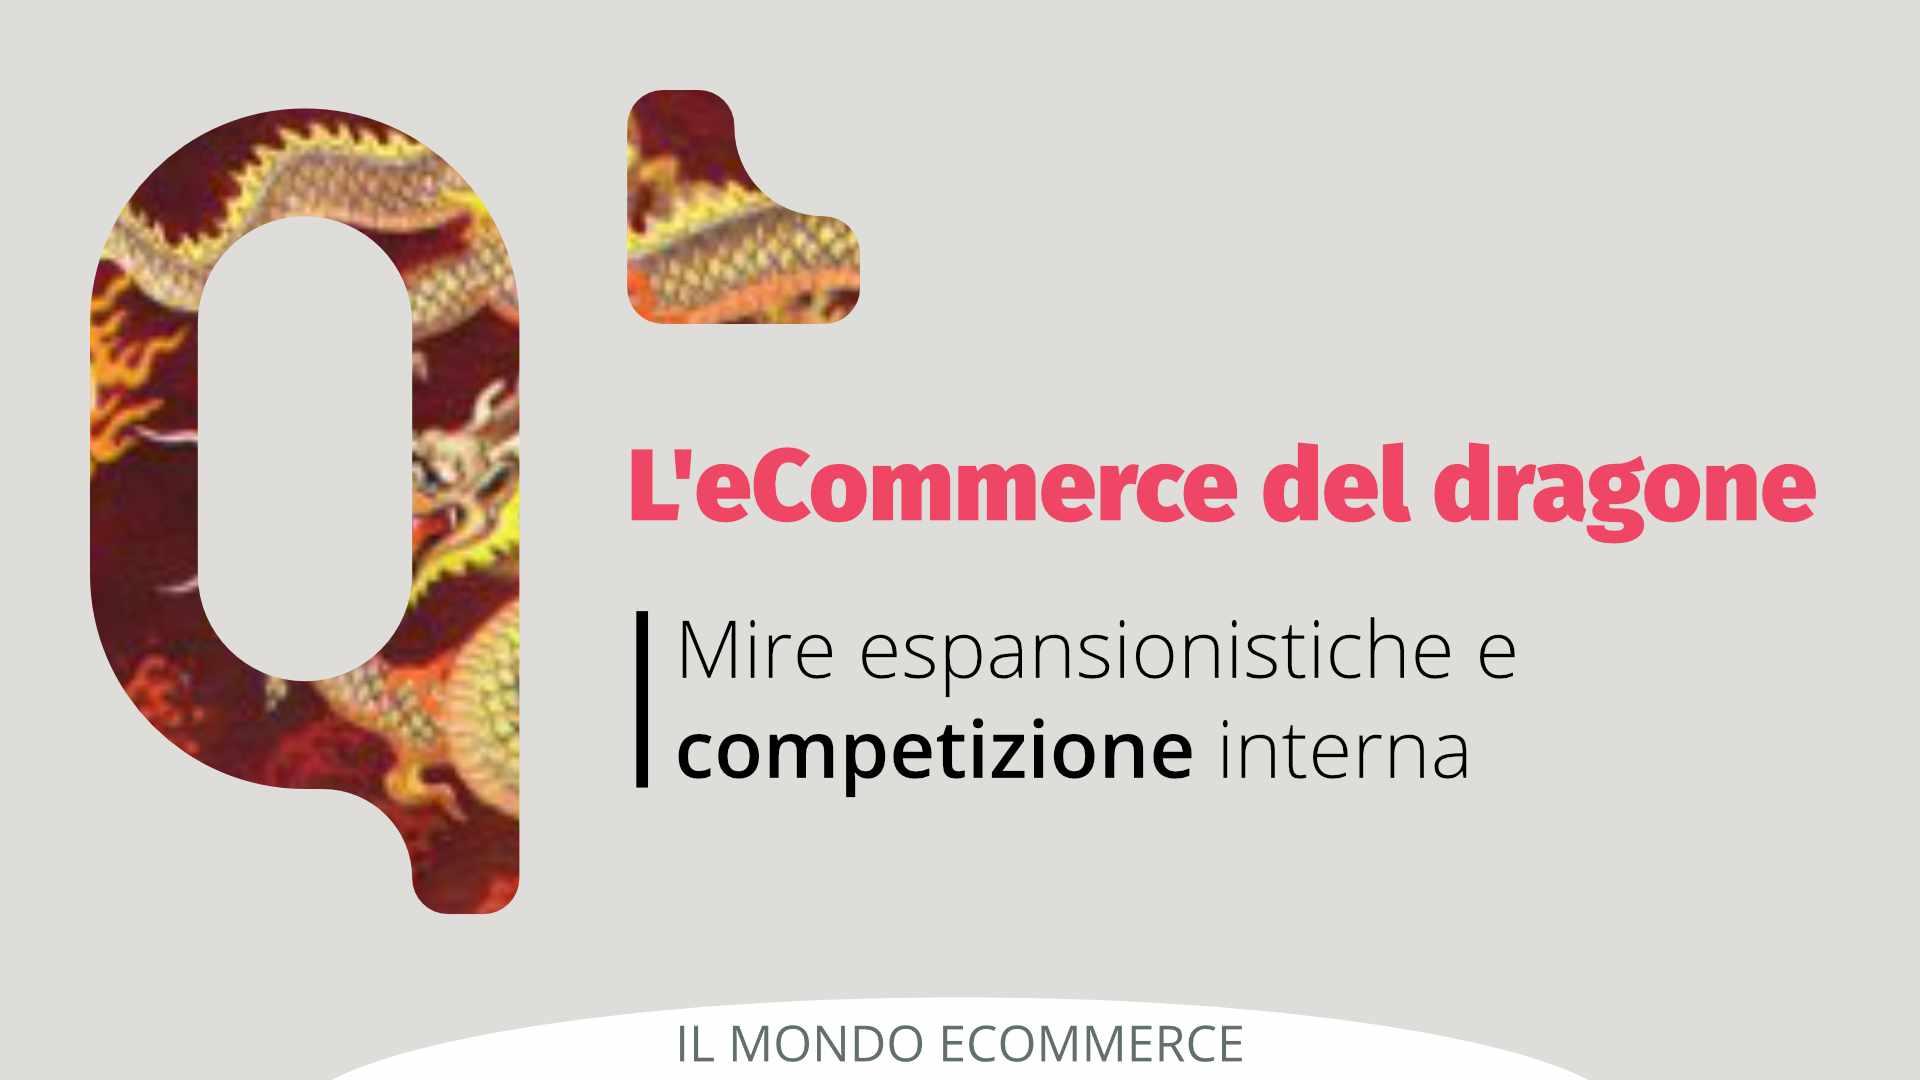 L'eCommerce del Dragone: mire espansionistiche e competizione interna